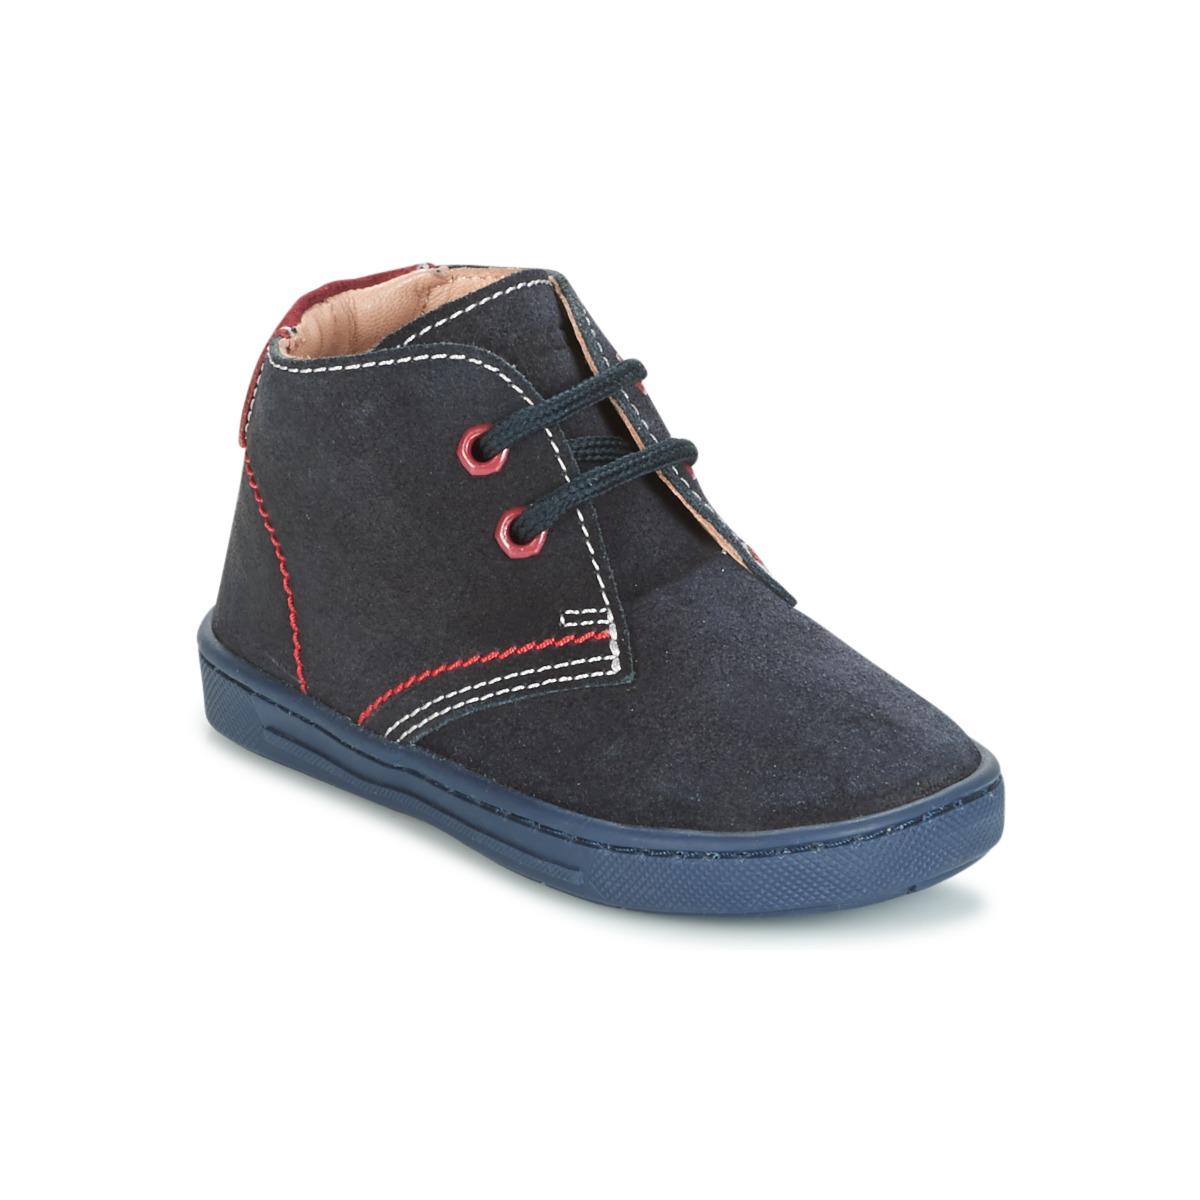 Støvler til børn Chicco  COBIN